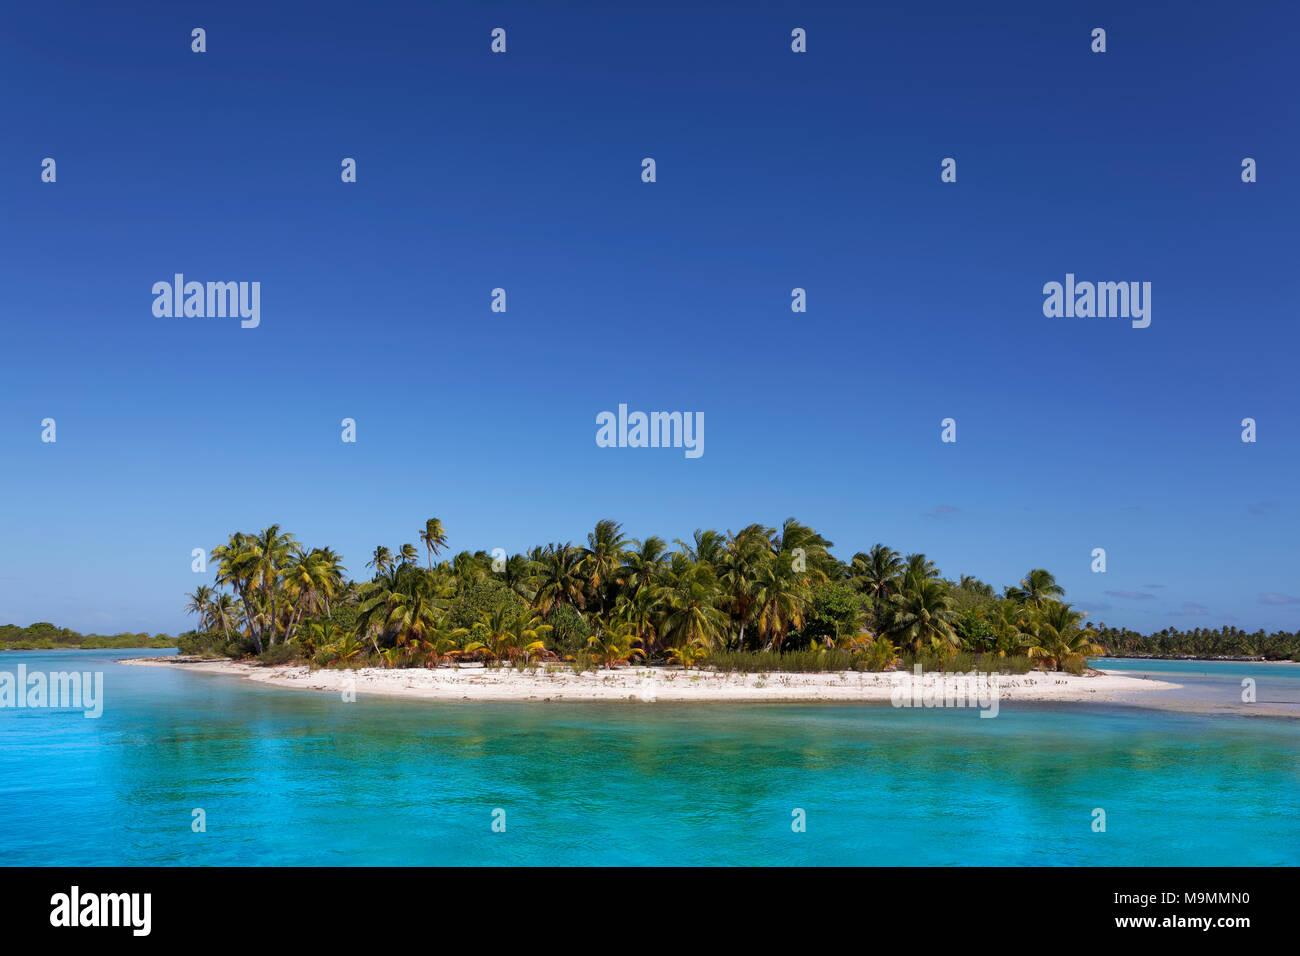 Einsame Insel, die in der Lagune, Strand mit Palmen, türkisfarbenes Wasser, Tikehau Atoll, Tuamotu-Archipel, Gesellschaft Inseln Stockbild